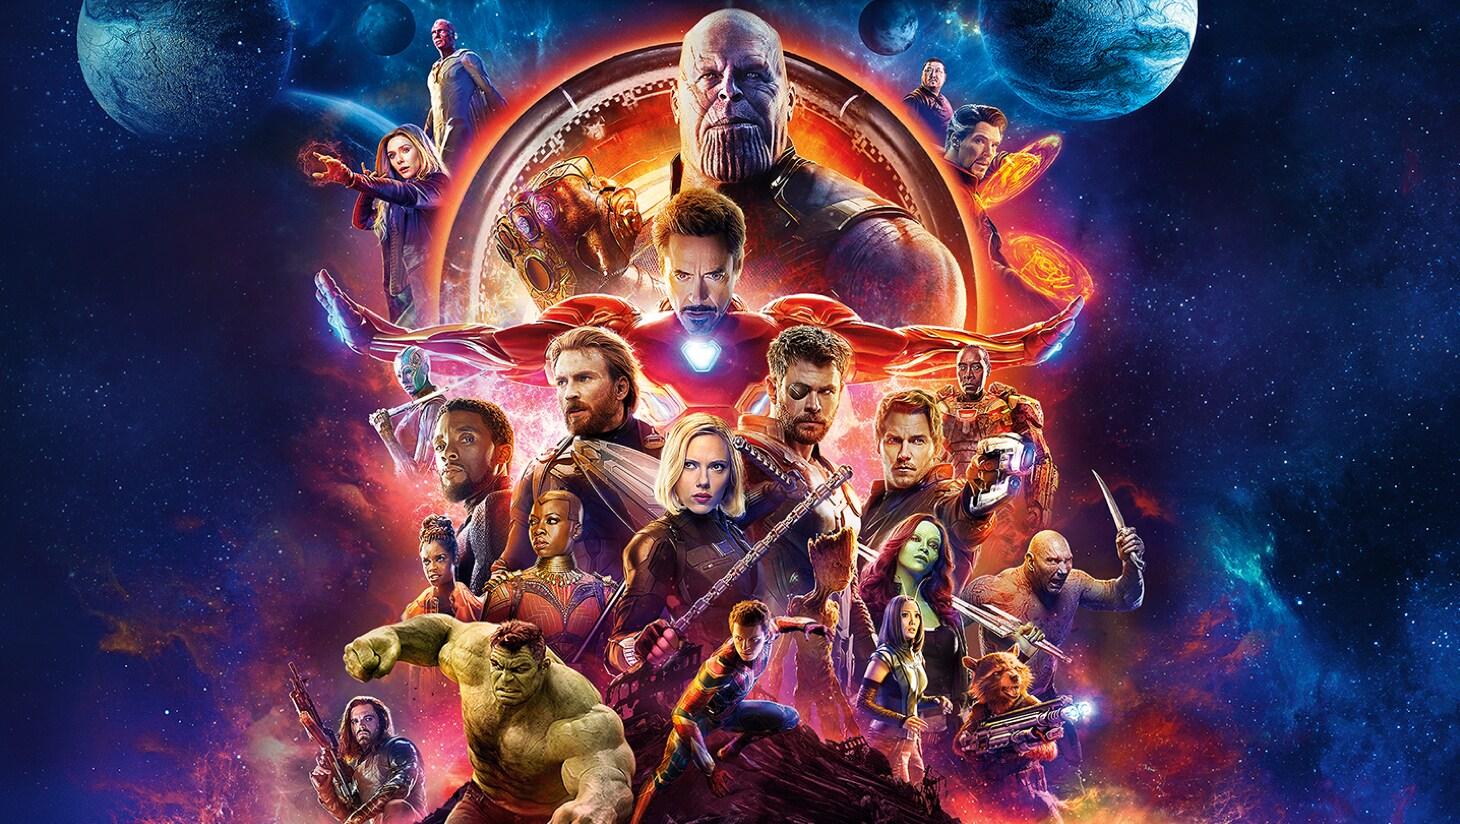 Scène uit Avengers: Infinity War Movie